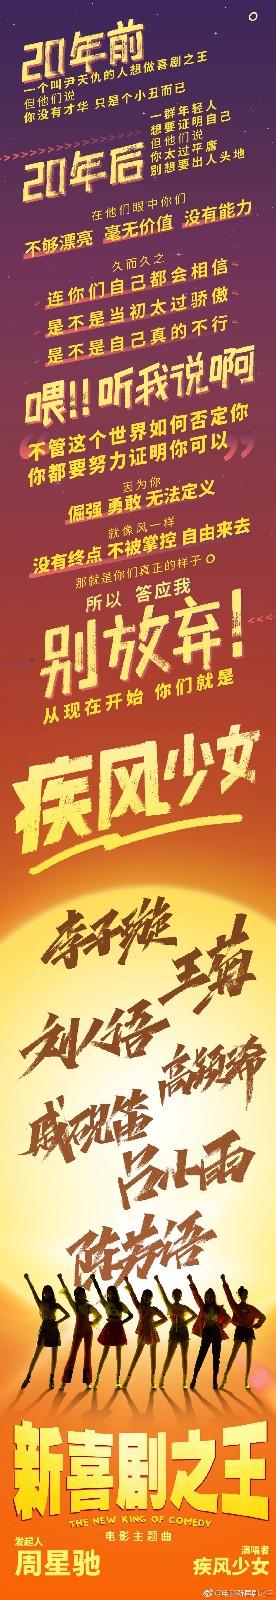 新喜剧之王宣传(2019.1.11)